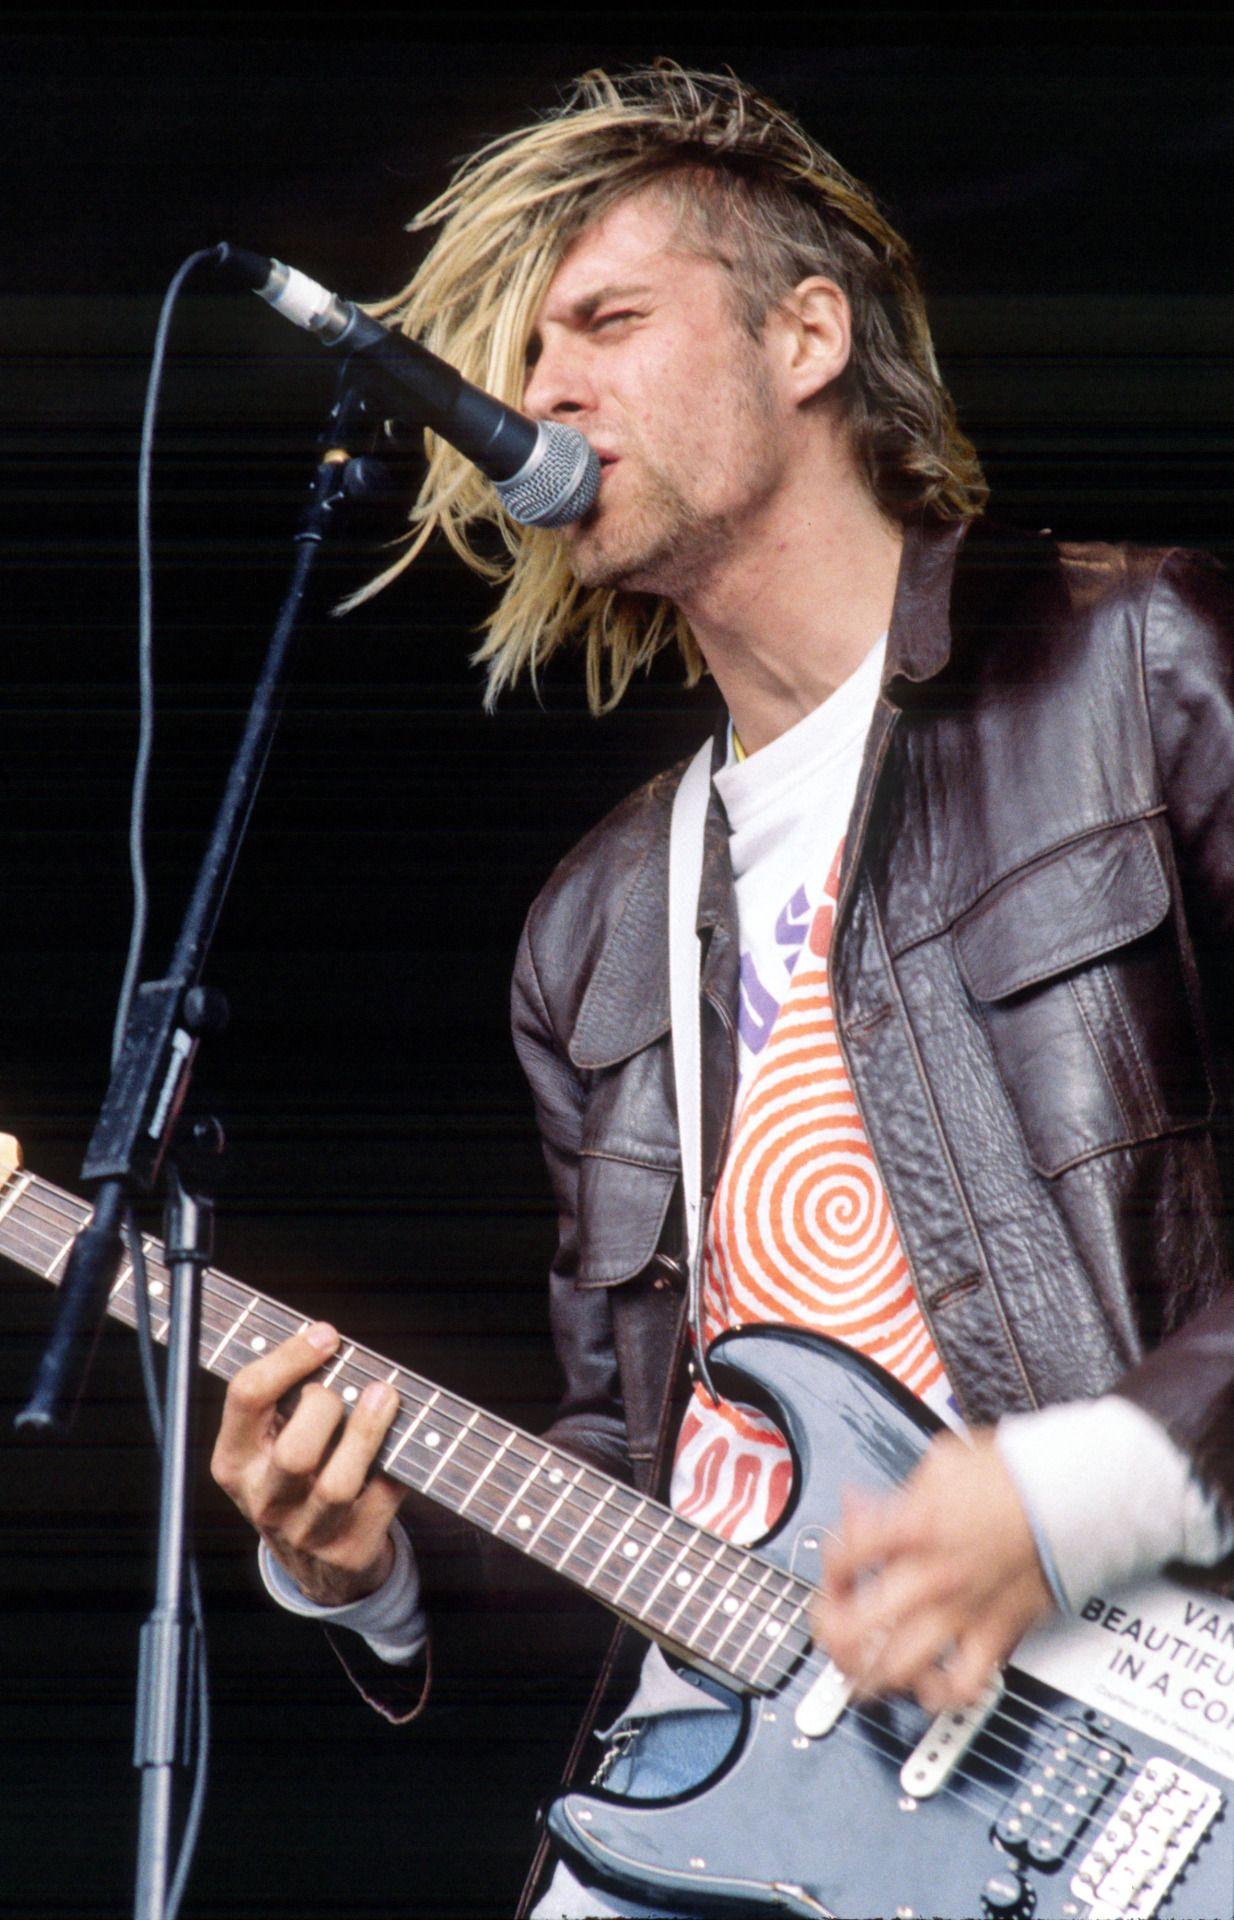 Kurt Cobain Richfield Avenue Reading Festival United Kingdom 1991